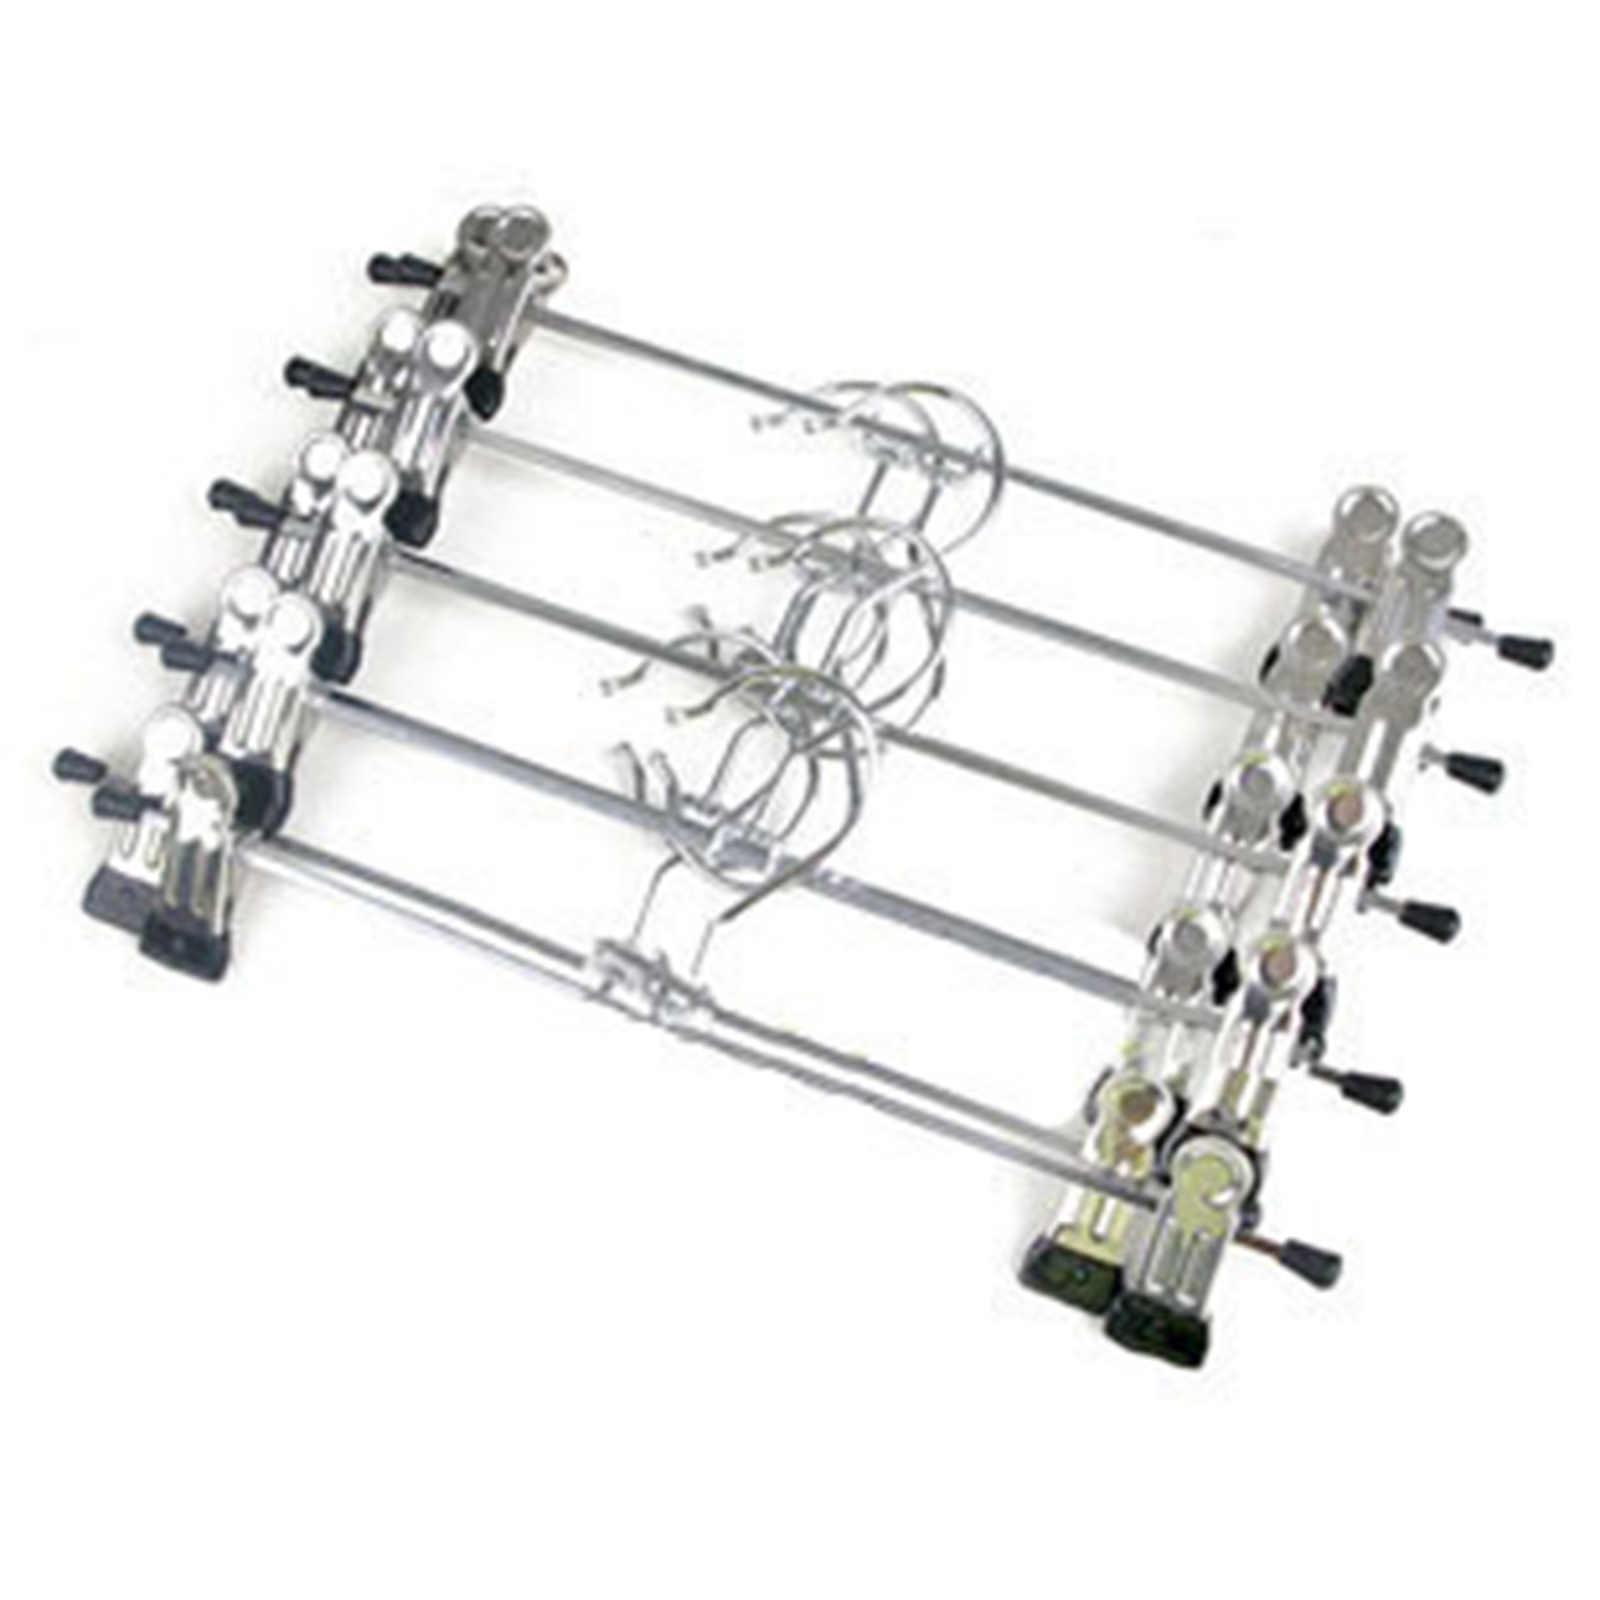 1 stks/partij Nieuwe Hangers Voor Kleding Roestvrijstalen Clip Stand Hanger Broek Rok Kid Kleding Verstelbare Pinch Grip Cabide